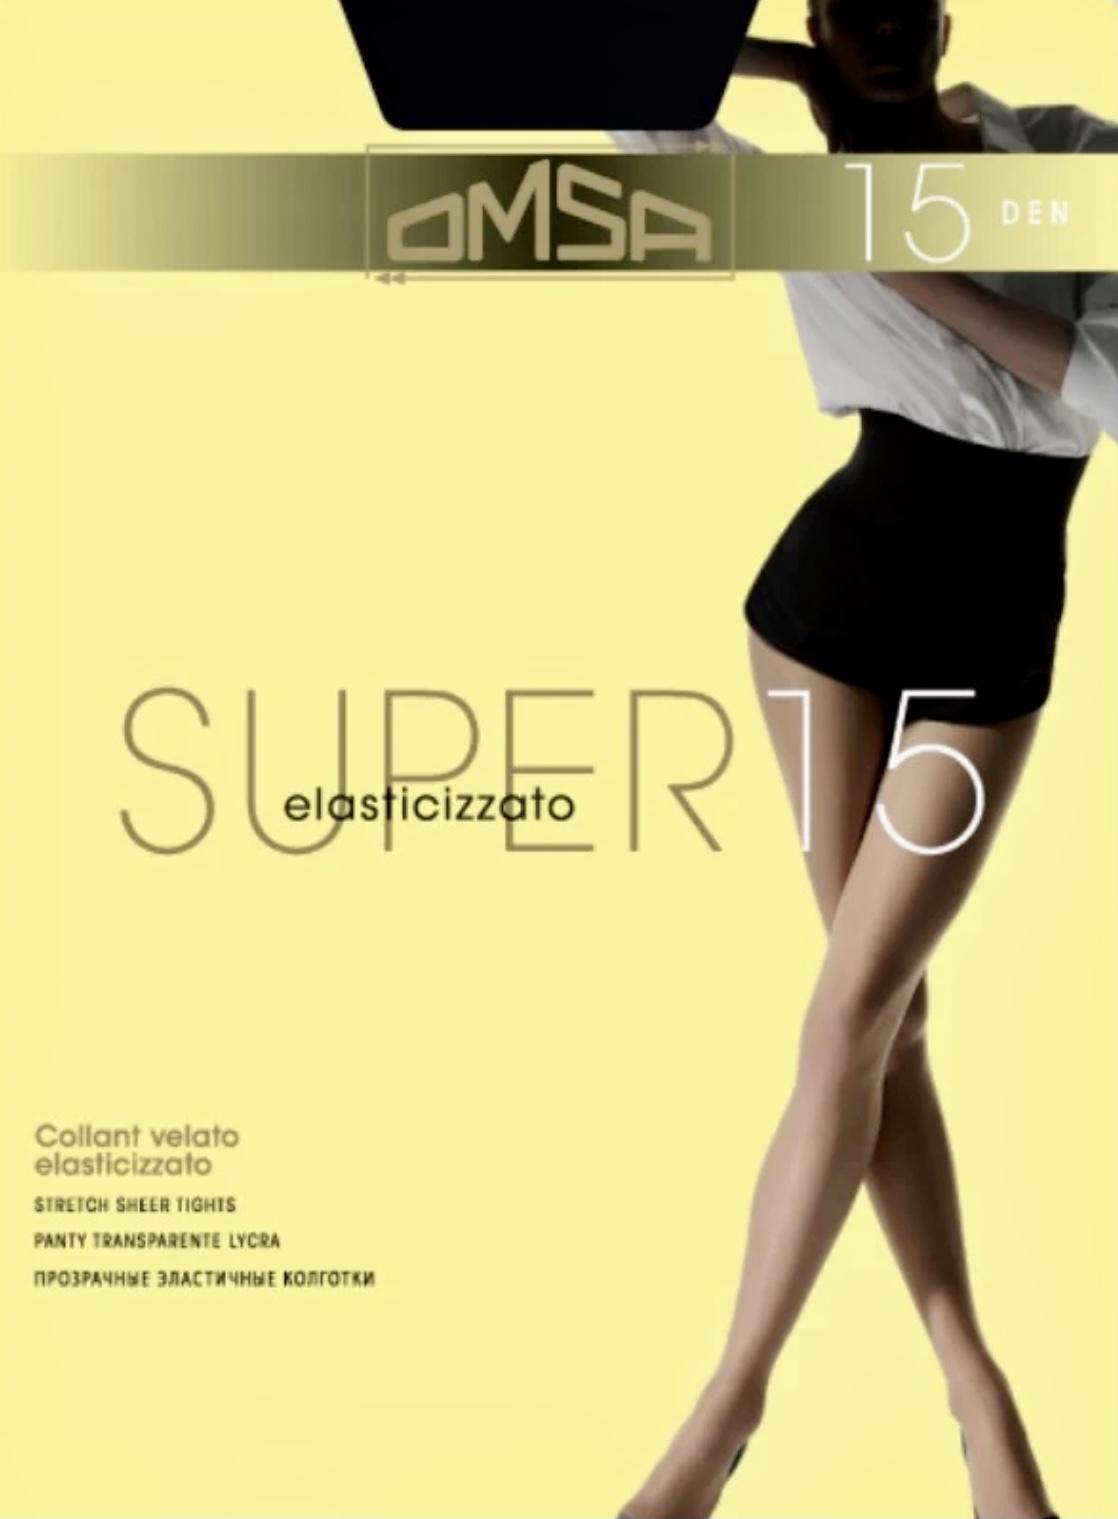 Καλσόν Omsa Super 15D - Μαύρο - Καθημερινή Χρήση